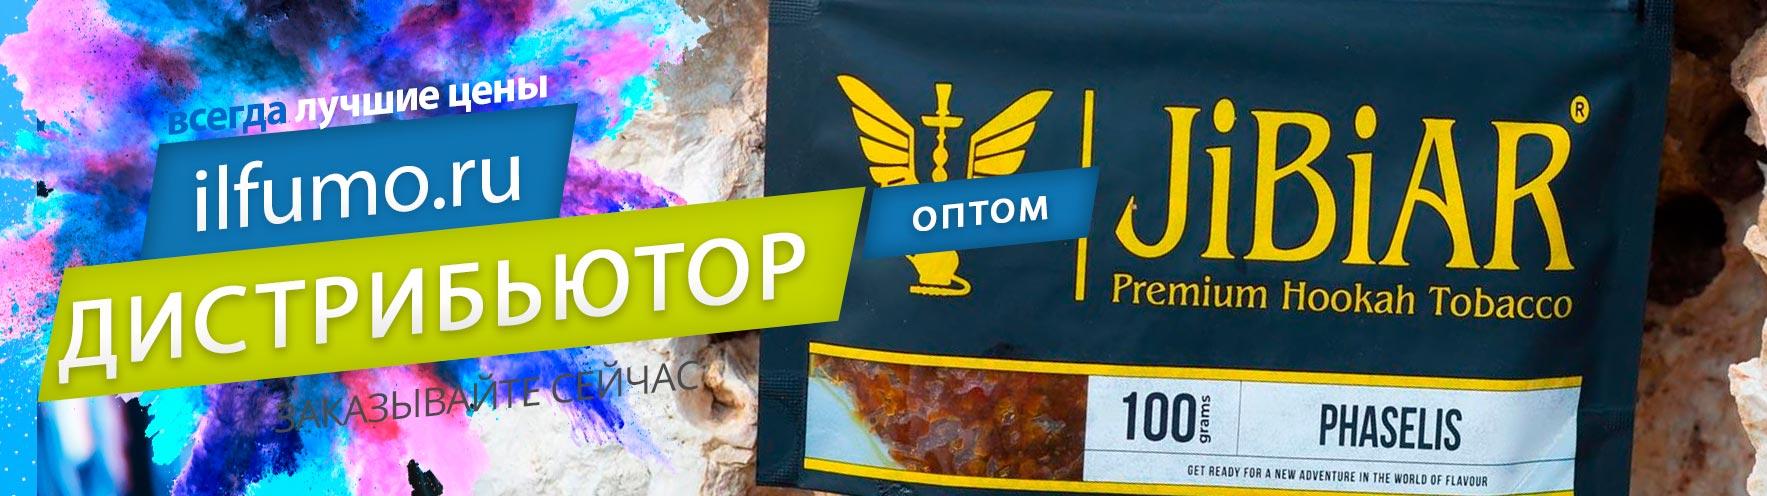 Табак Jibiar оптом от производителя на официальном сайте по низкой цене